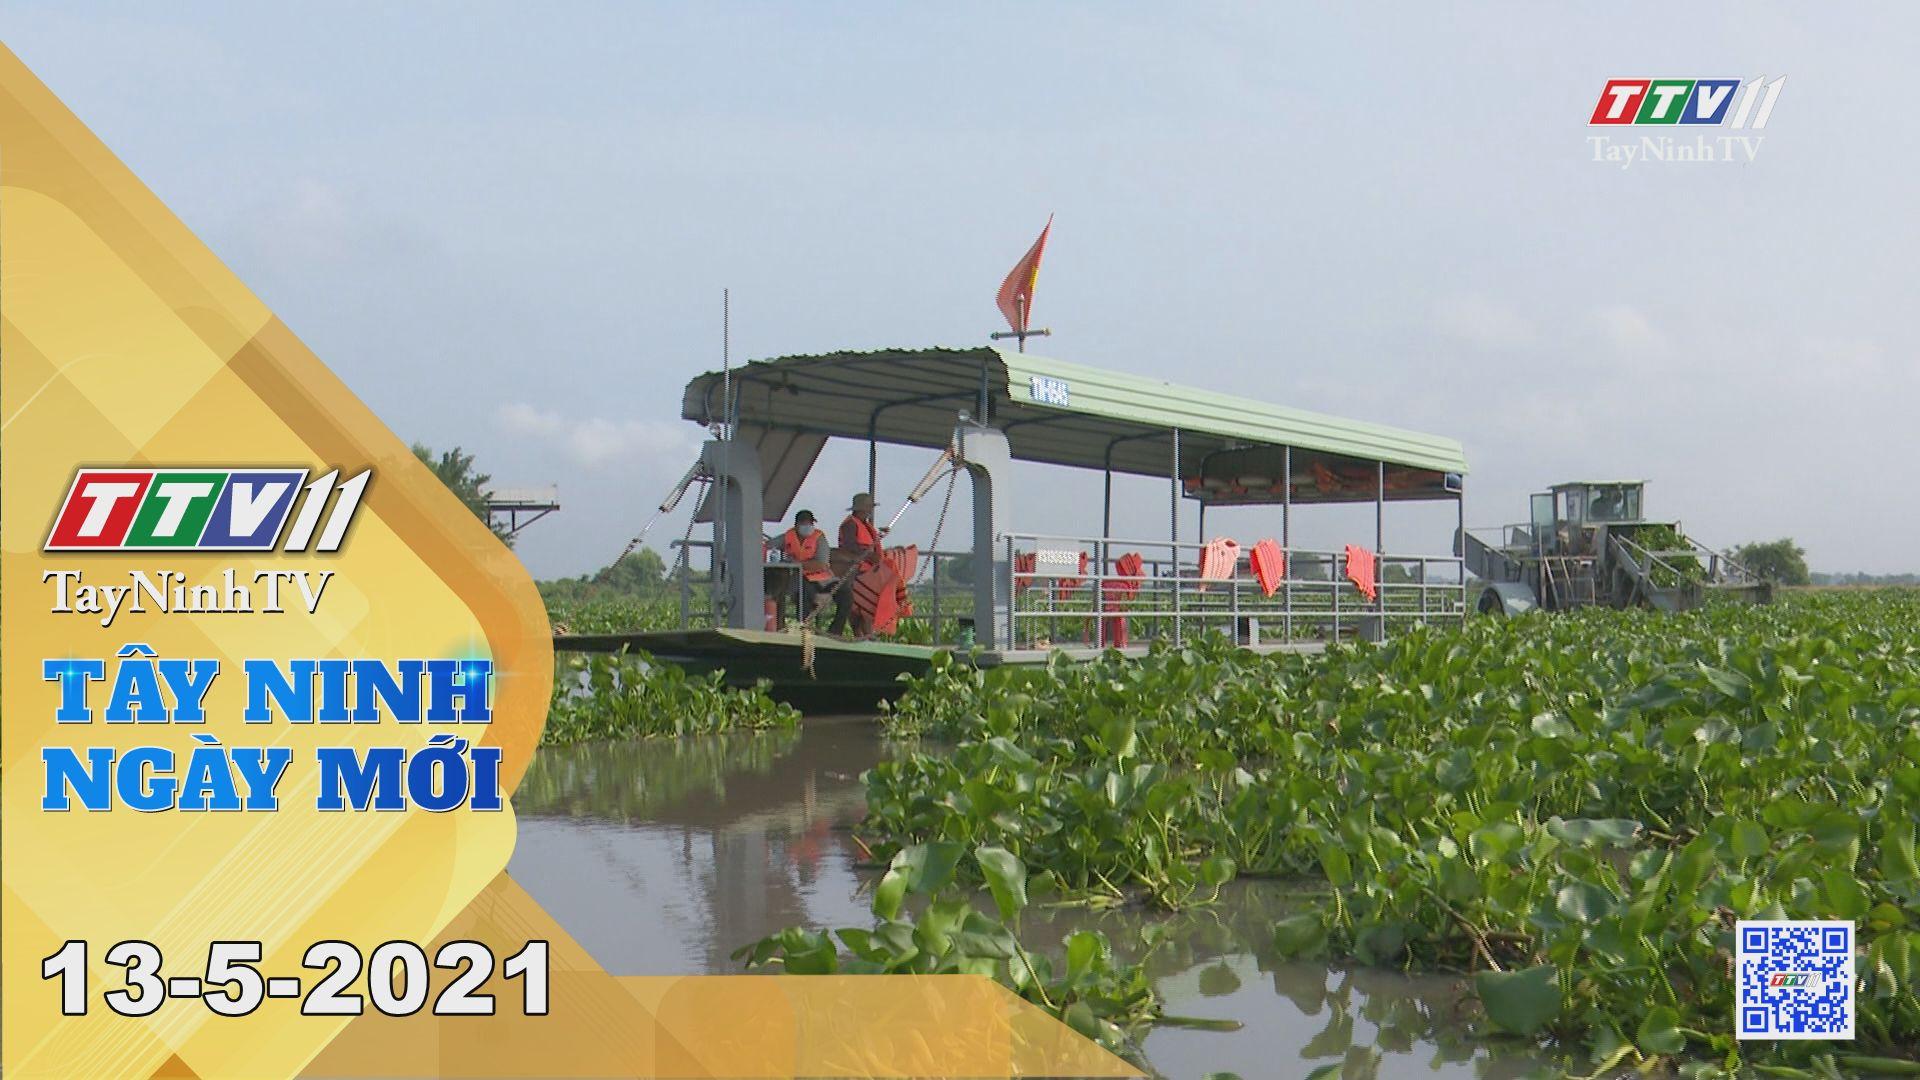 Tây Ninh Ngày Mới 13-5-2021 | Tin tức hôm nay | TayNinhTV